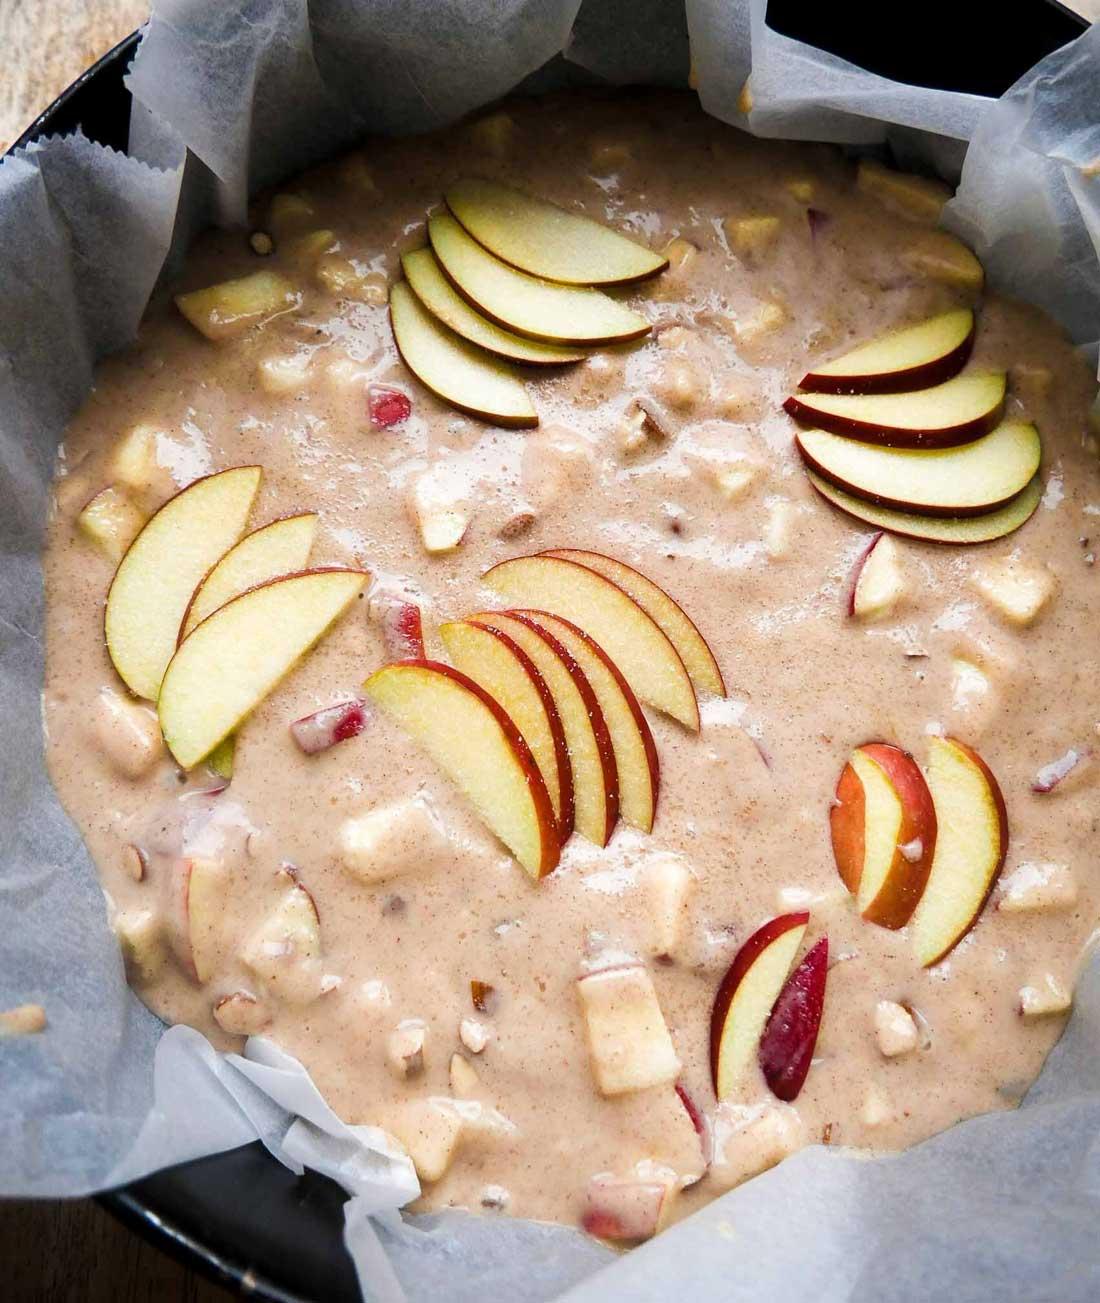 nem kage med æbler til efterår og vinter